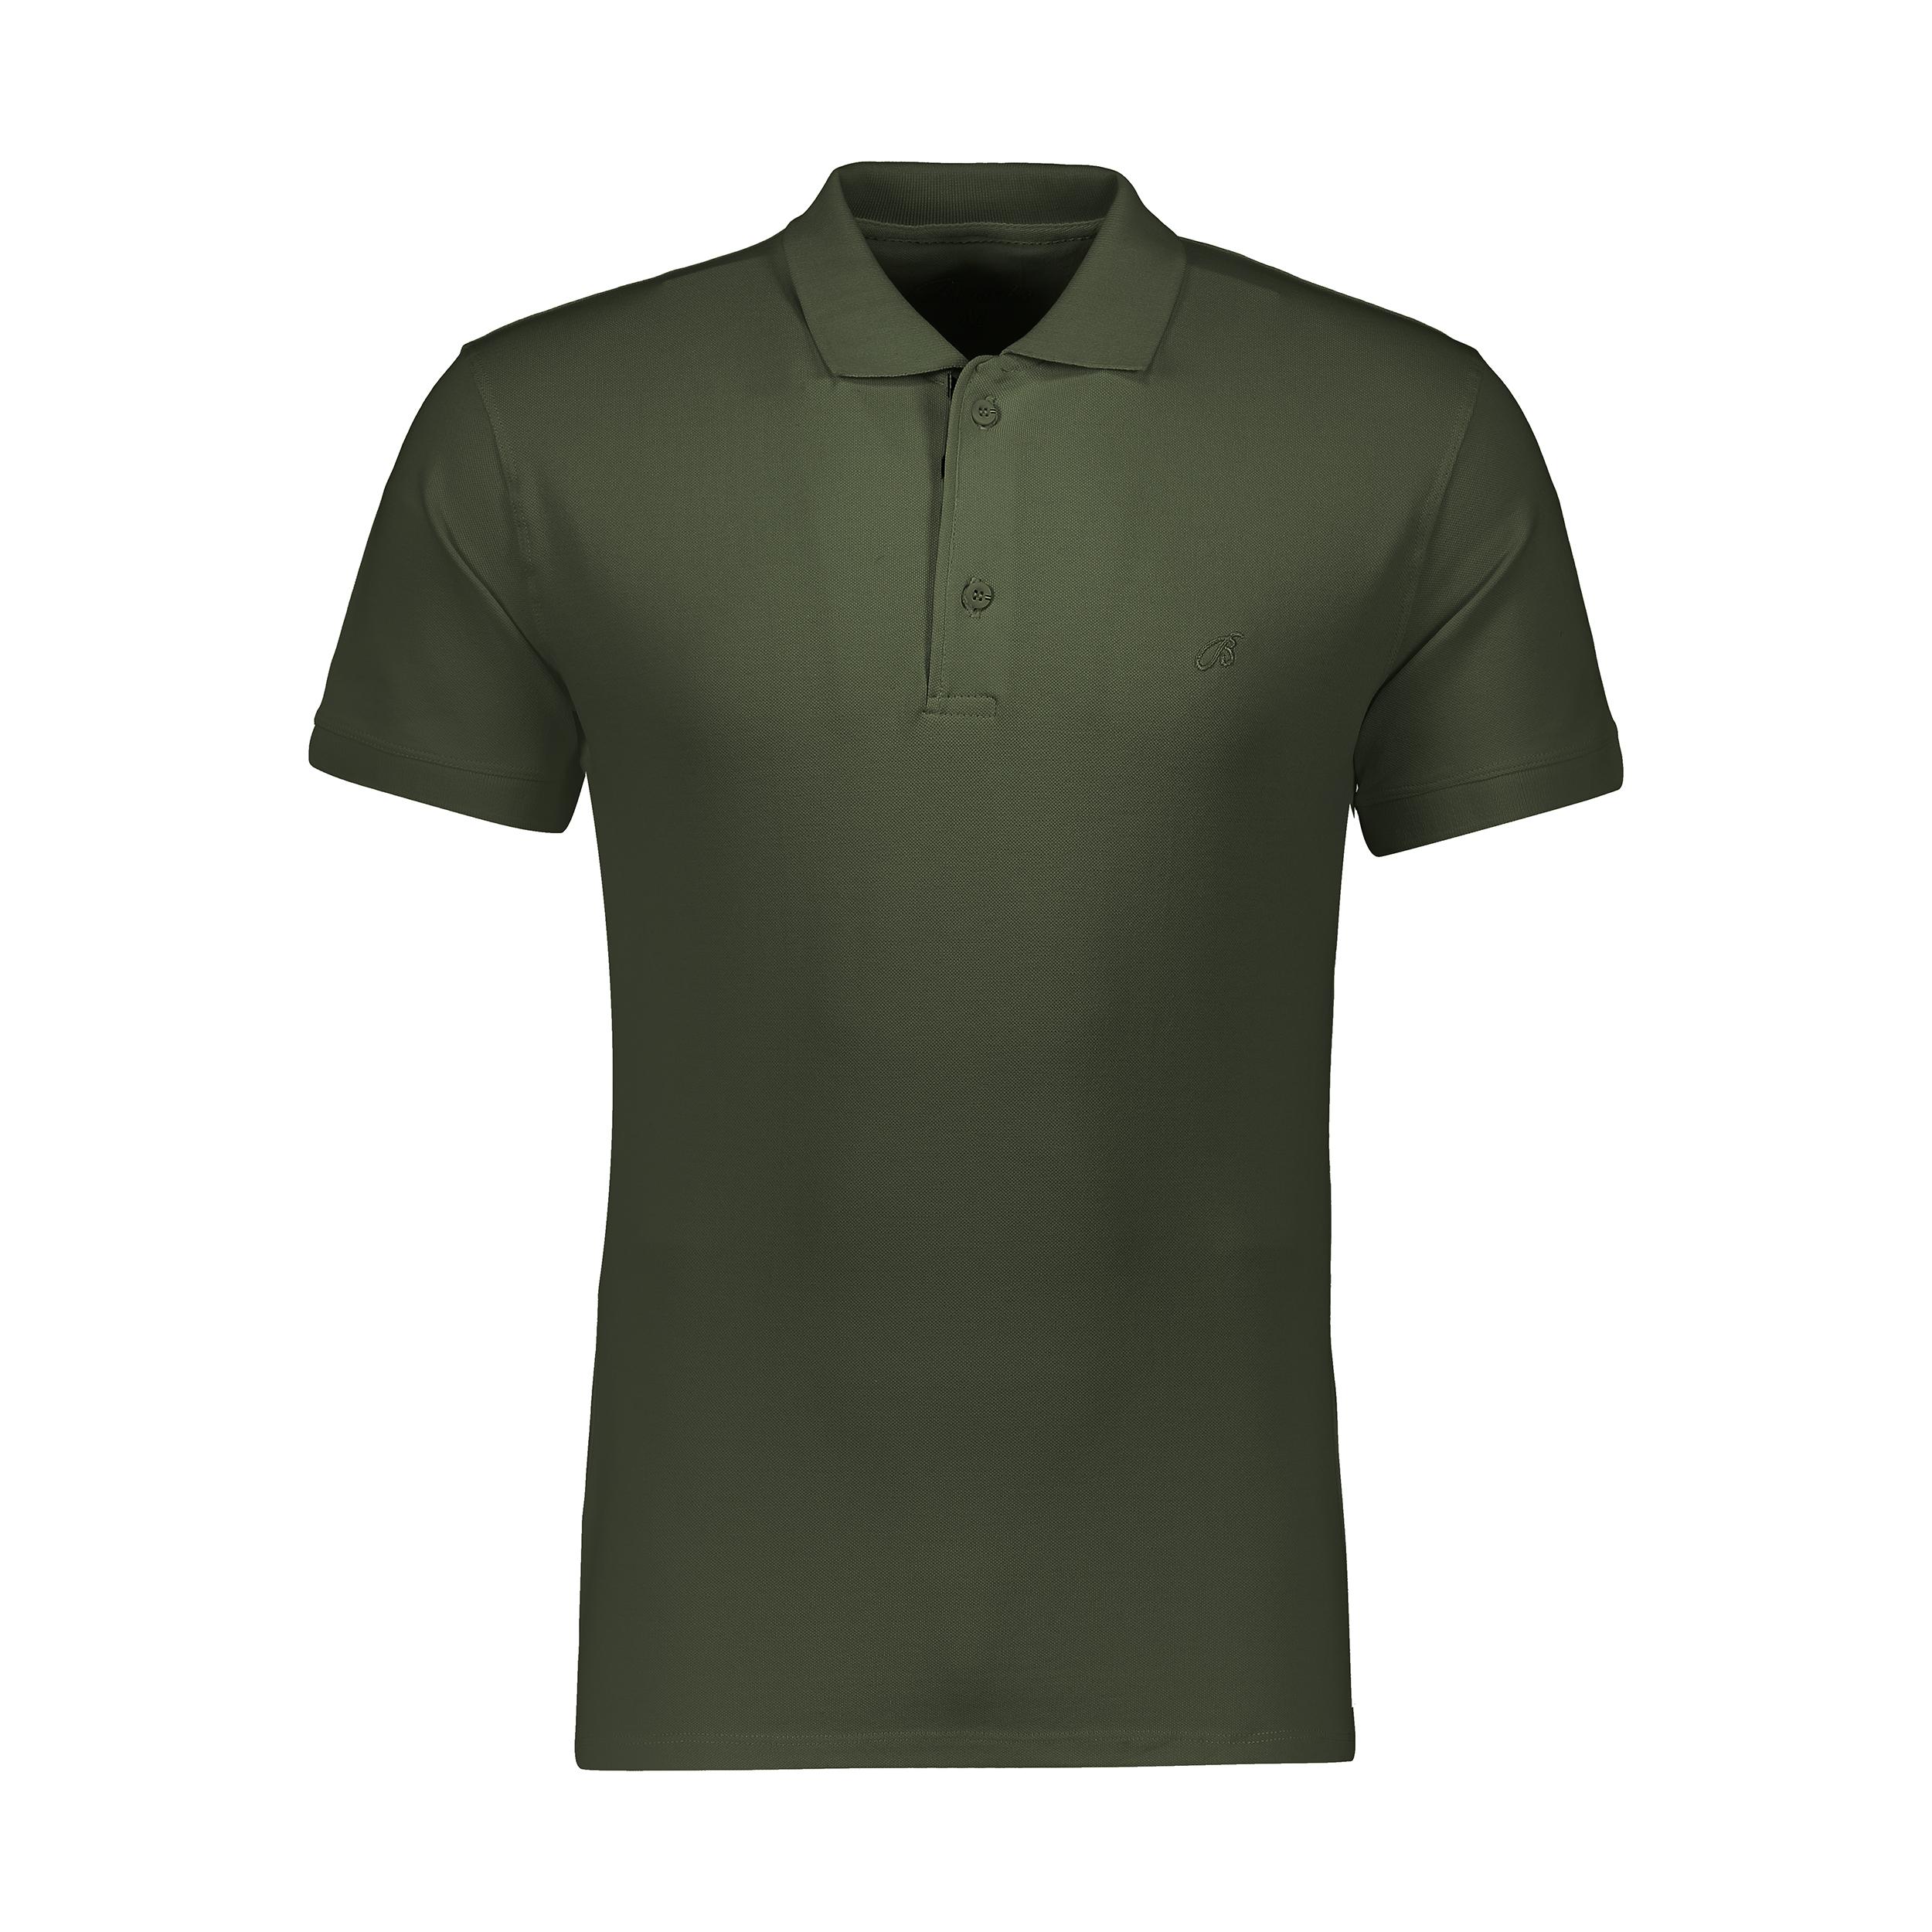 تی شرت و پولوشرت مردانه,تی شرت و پولوشرت مردانه برندس